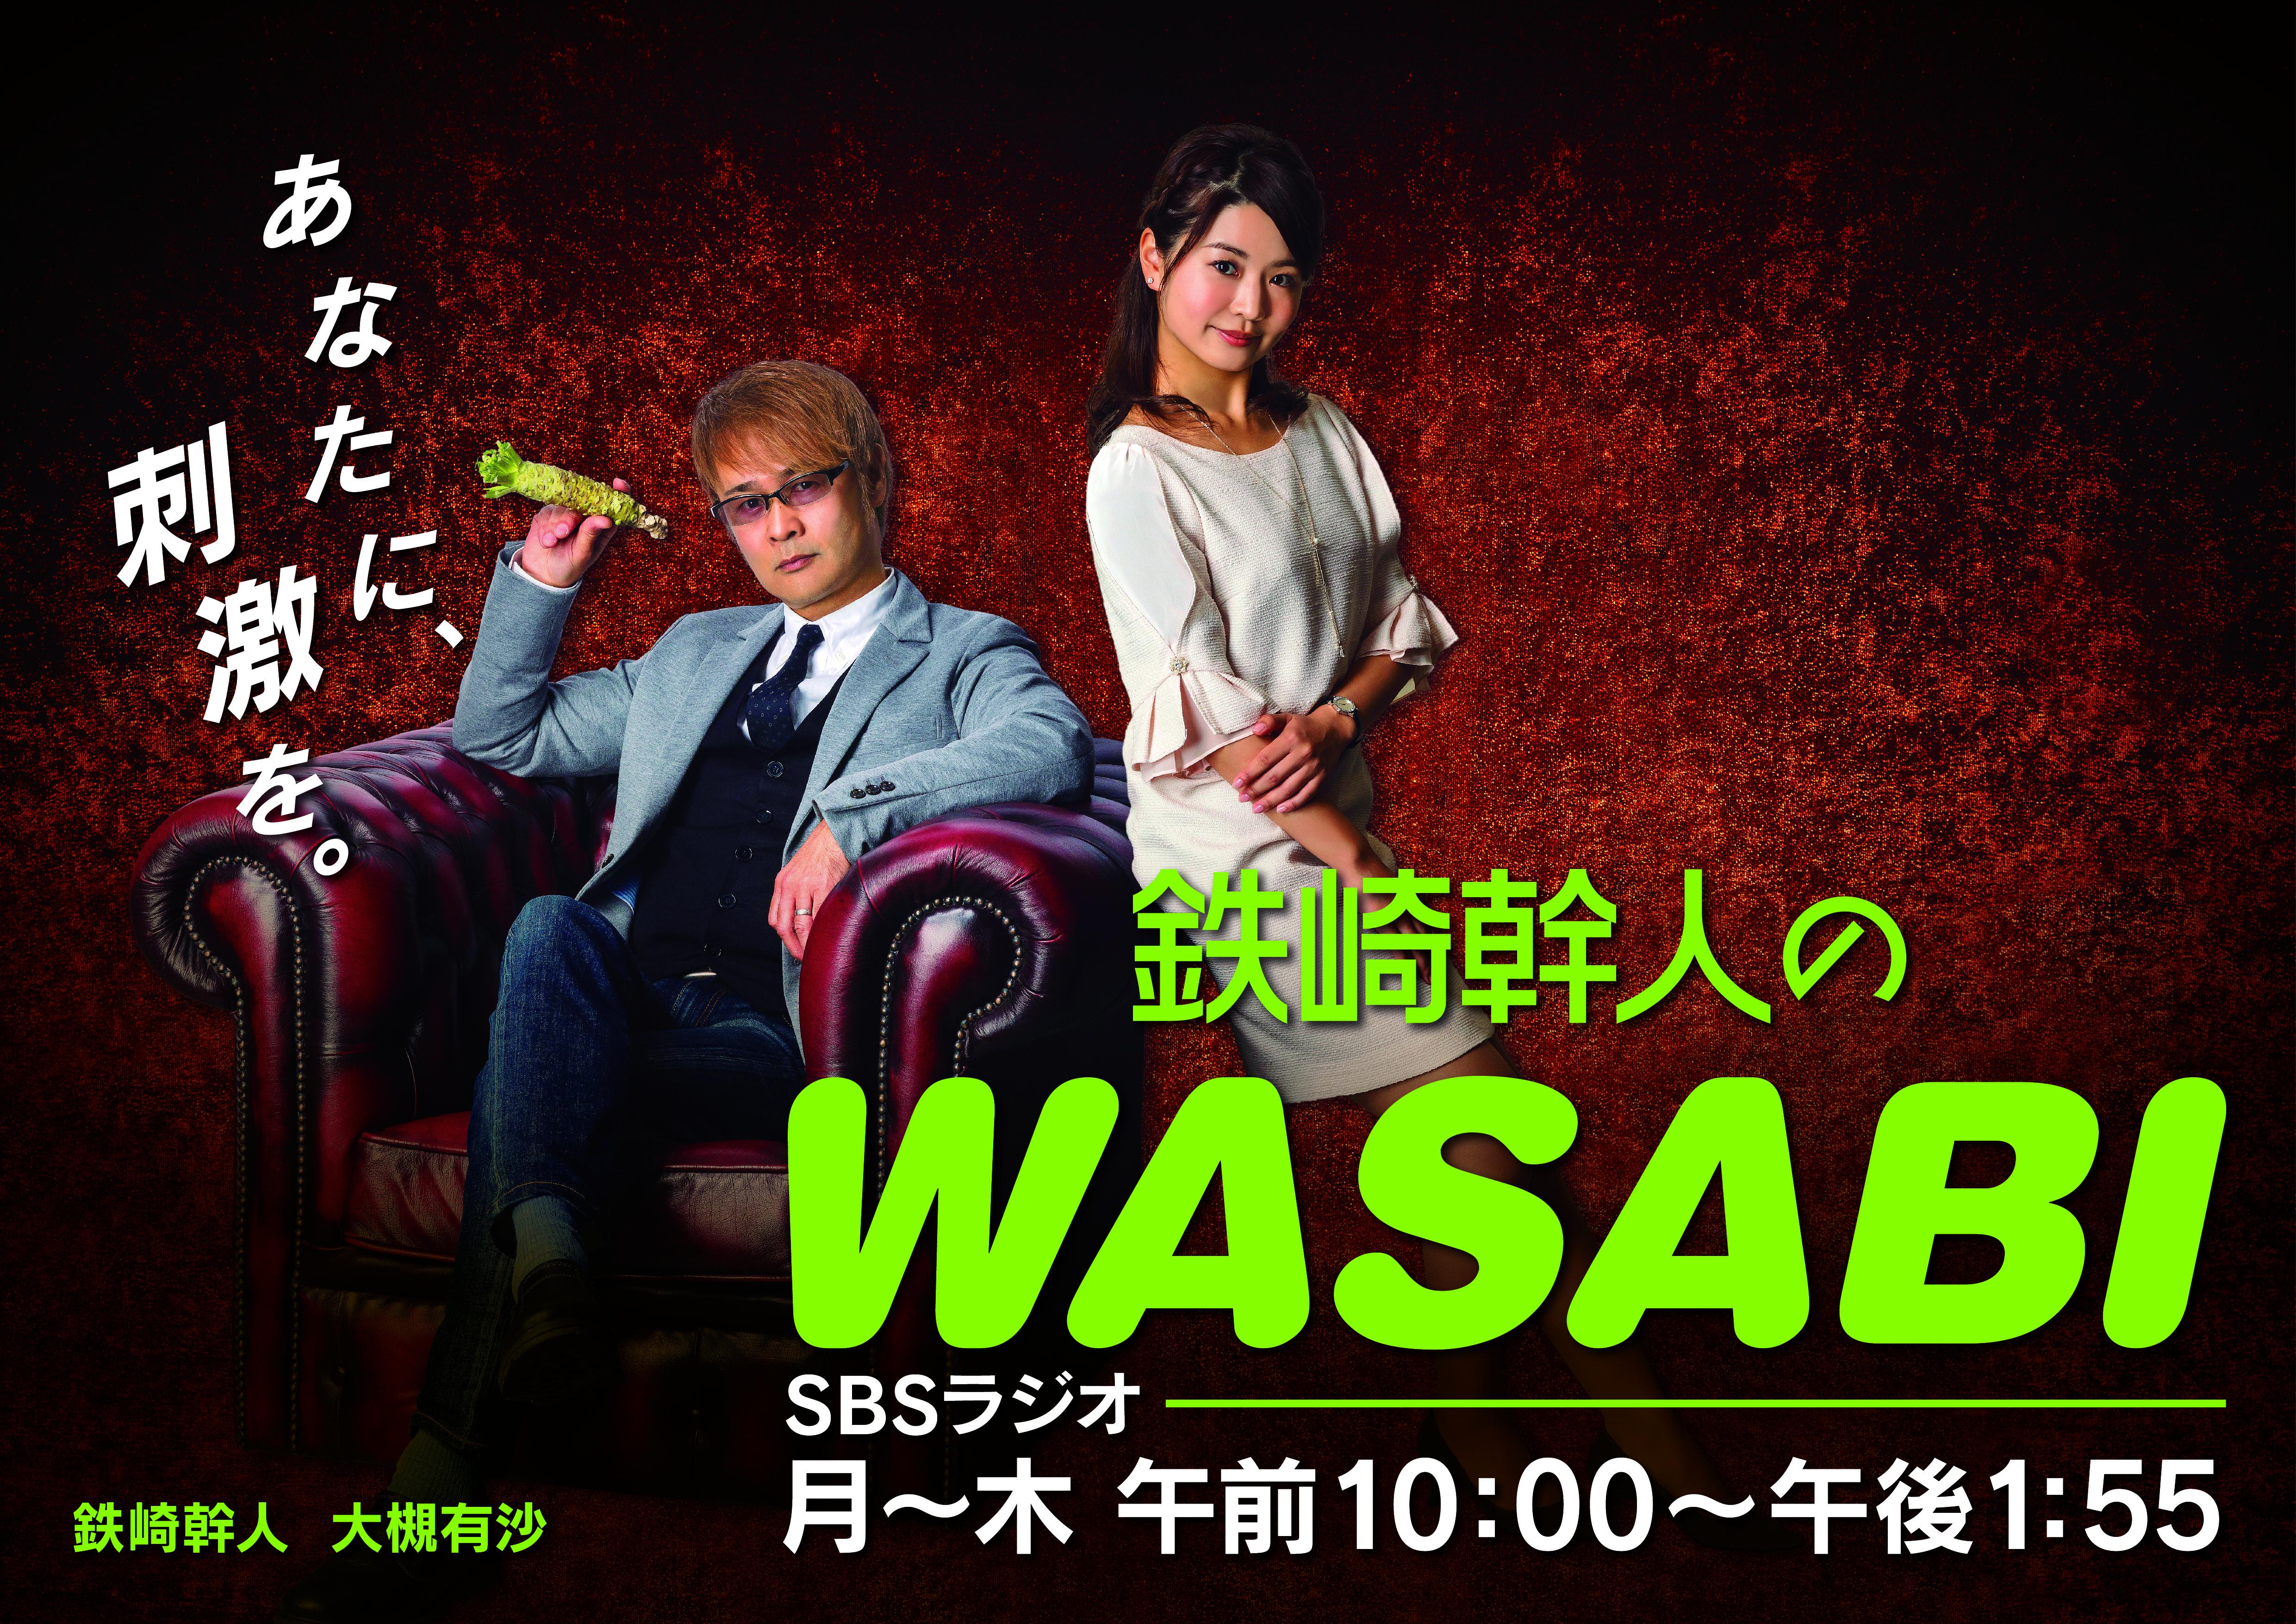 WASABI_A3